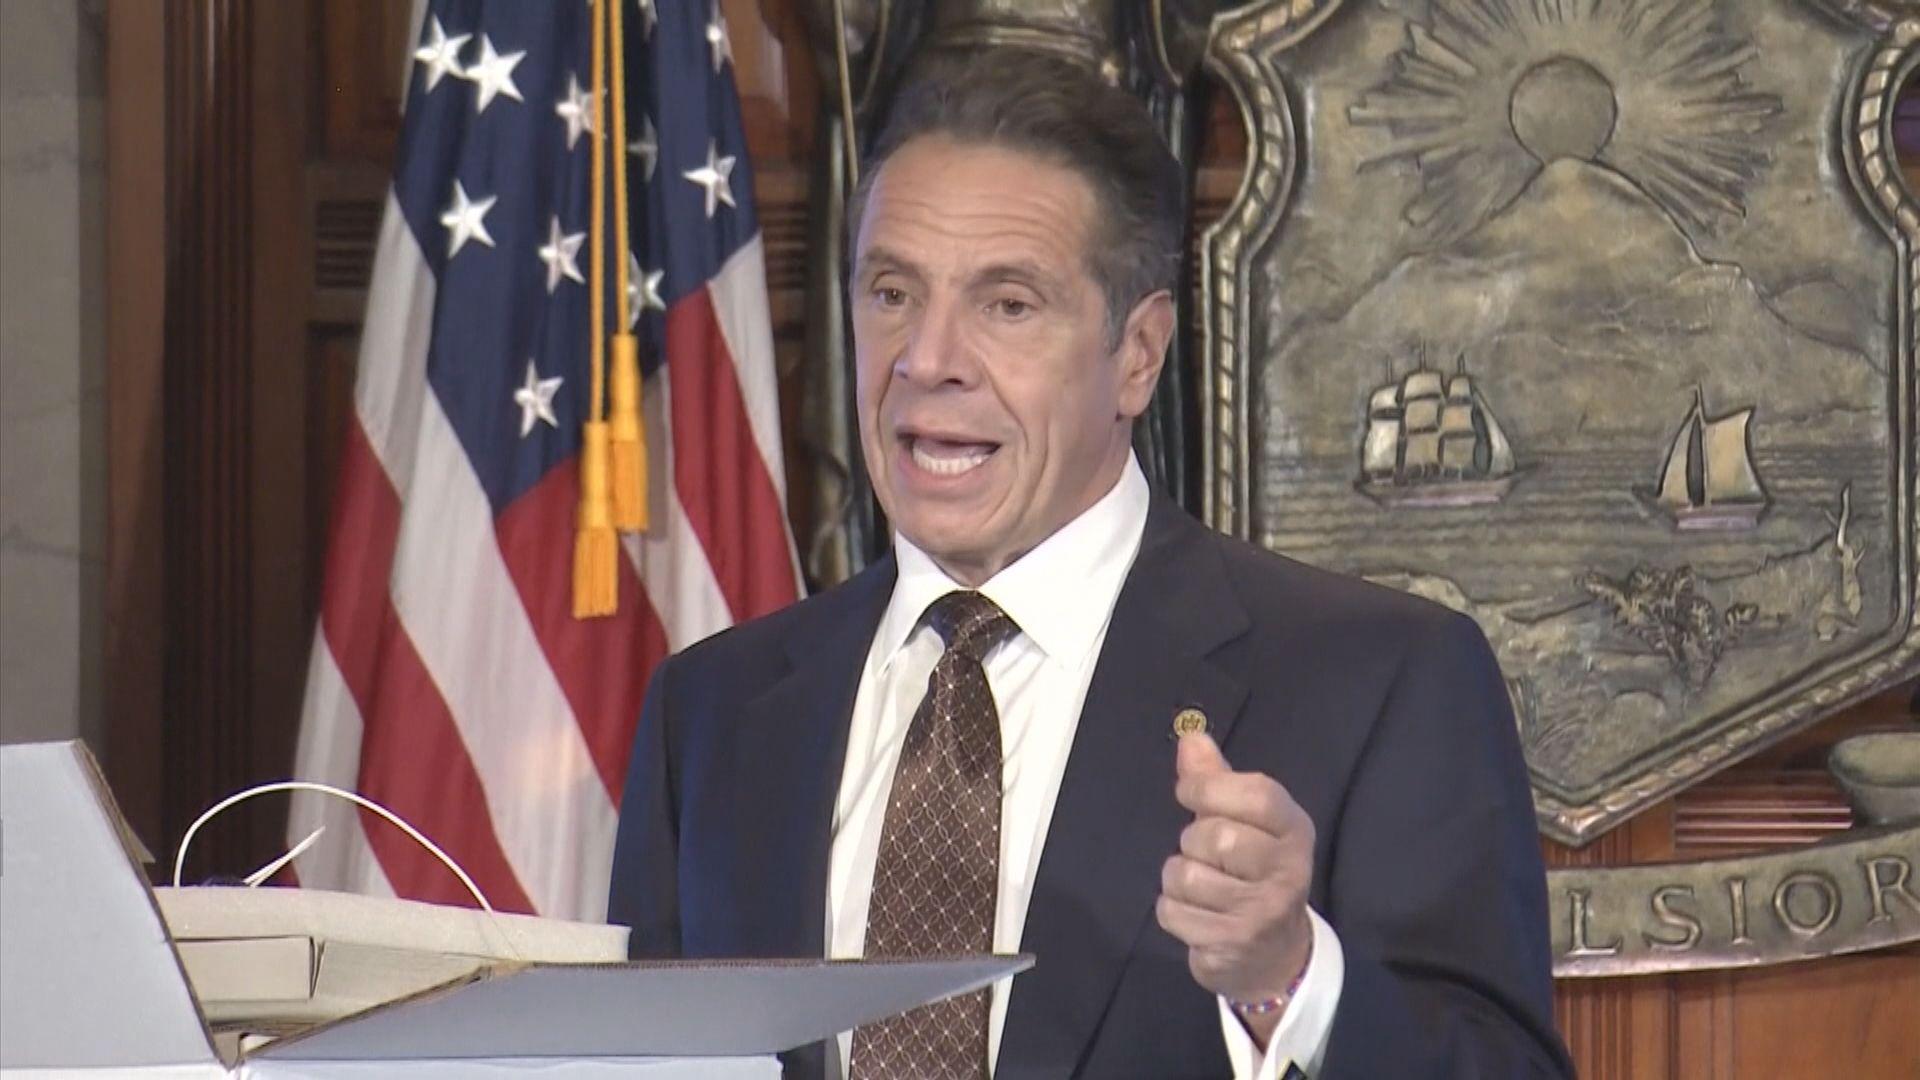 逾55名紐約州議員聯署要求涉性騷擾州長辭職